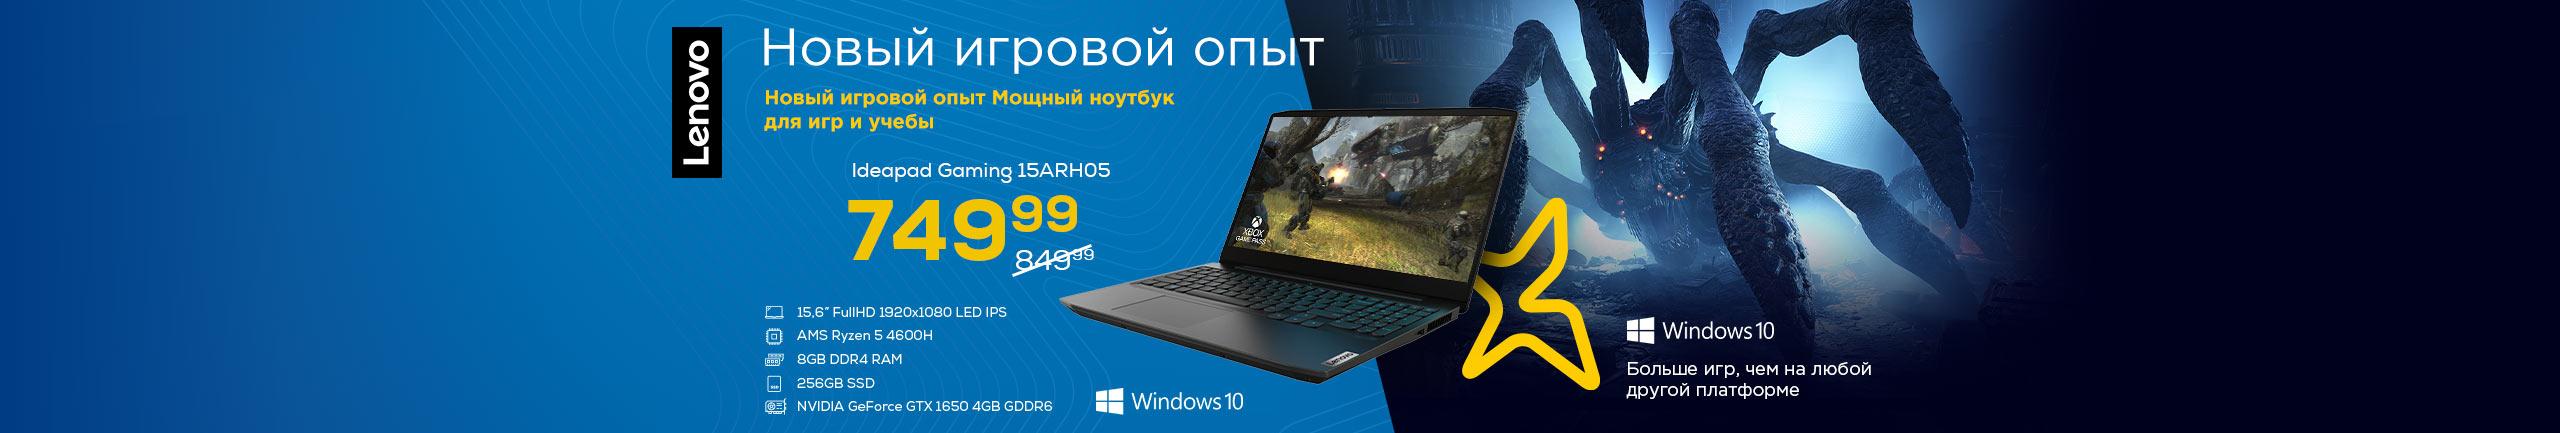 Ноутбук Lenovo с мощным процессором для игр и учебы!